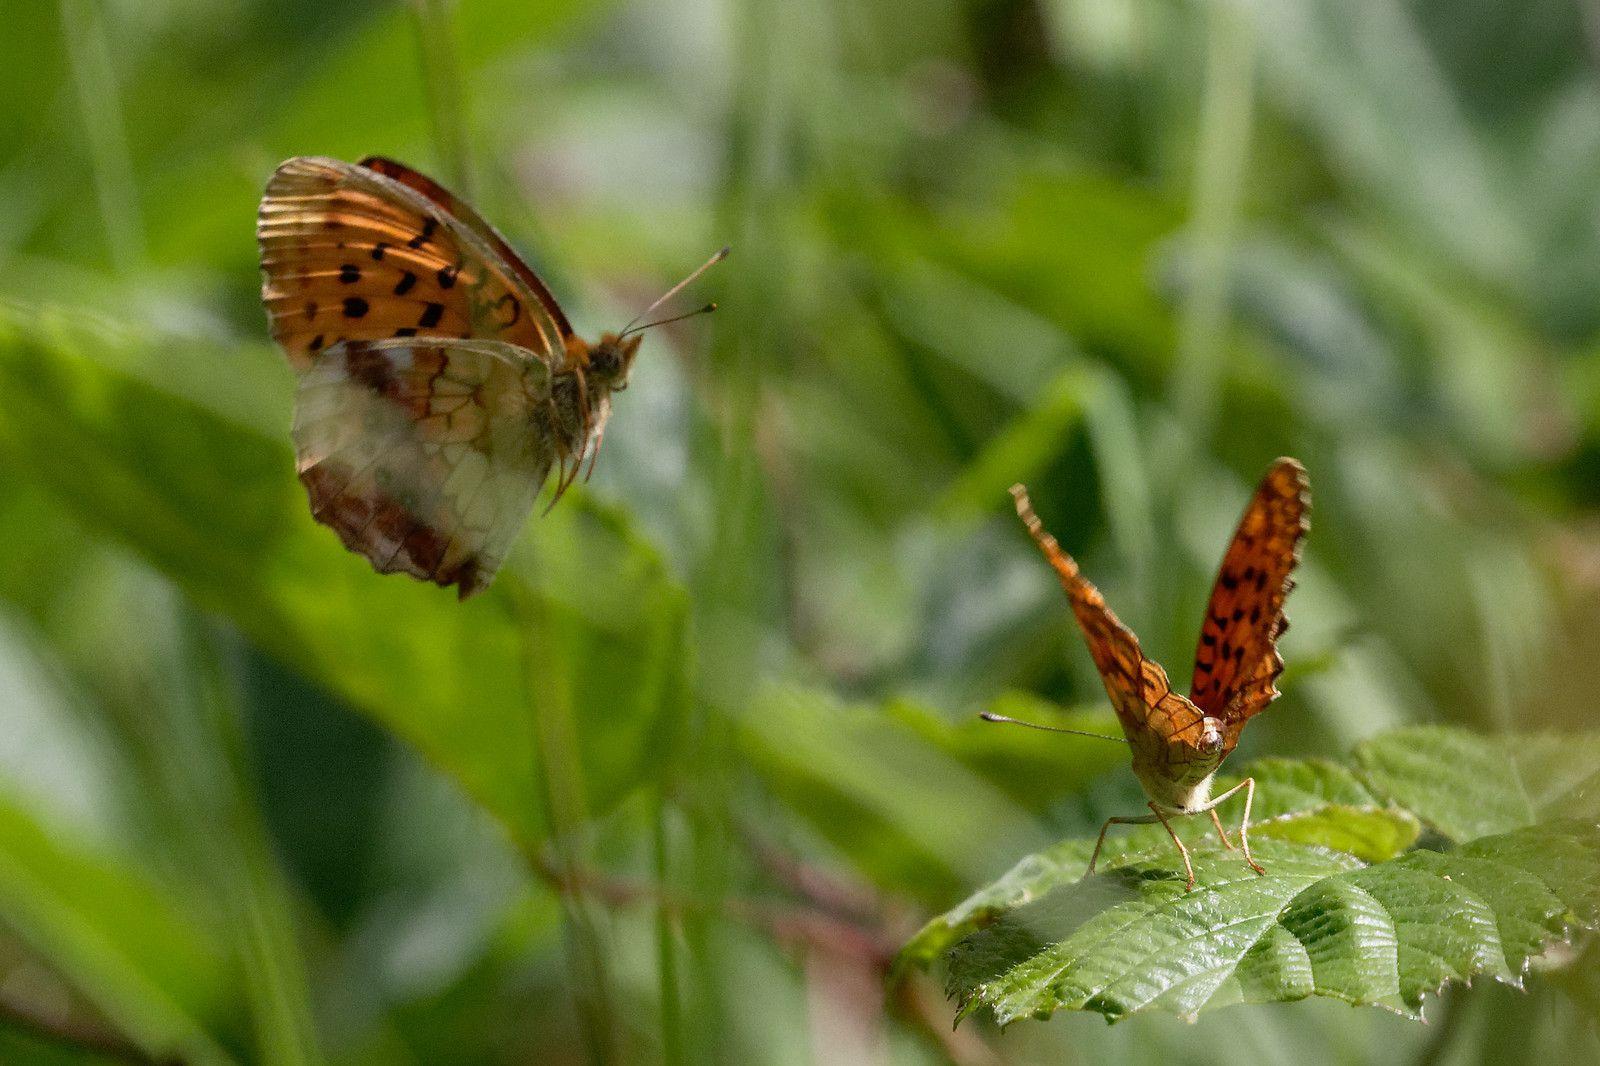 Des Nacrés de la ronce au comportement territorial. Ce n'est pas une danse. Le comportement des Papillons est fabuleux. Attention aux réglages de l'appareil.